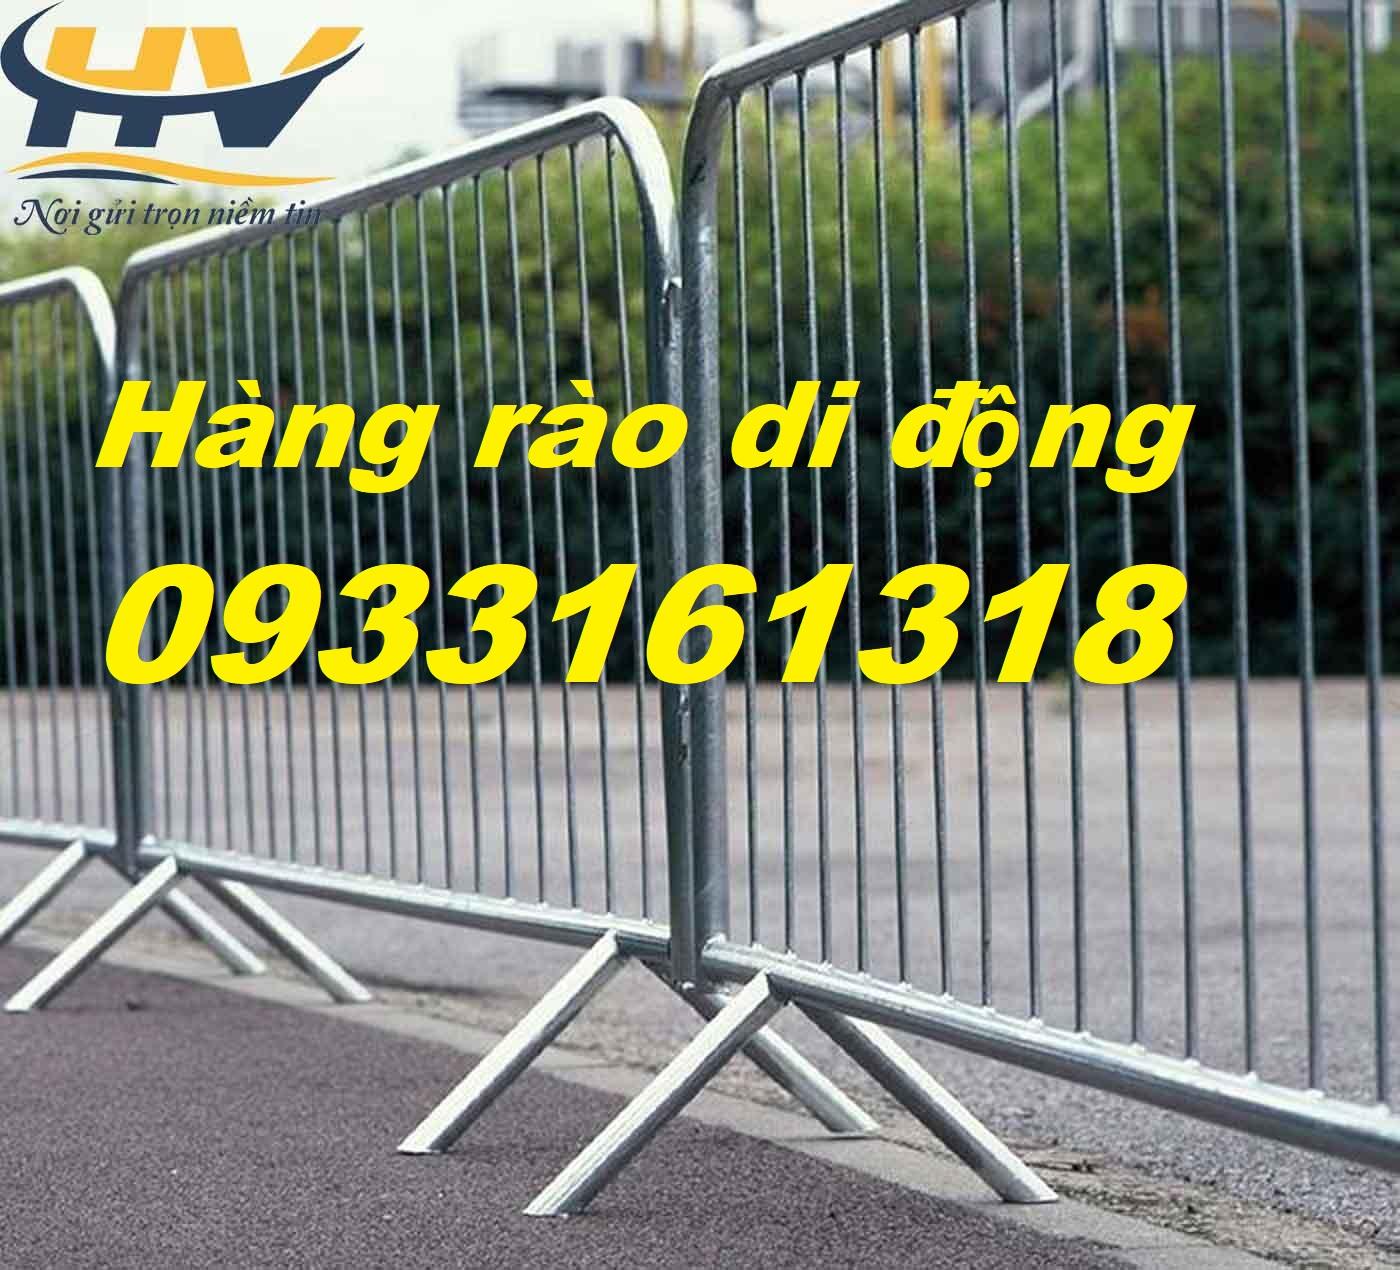 Hàng rào chắn di động, hàng rào bảo hộ, rào chắn barie